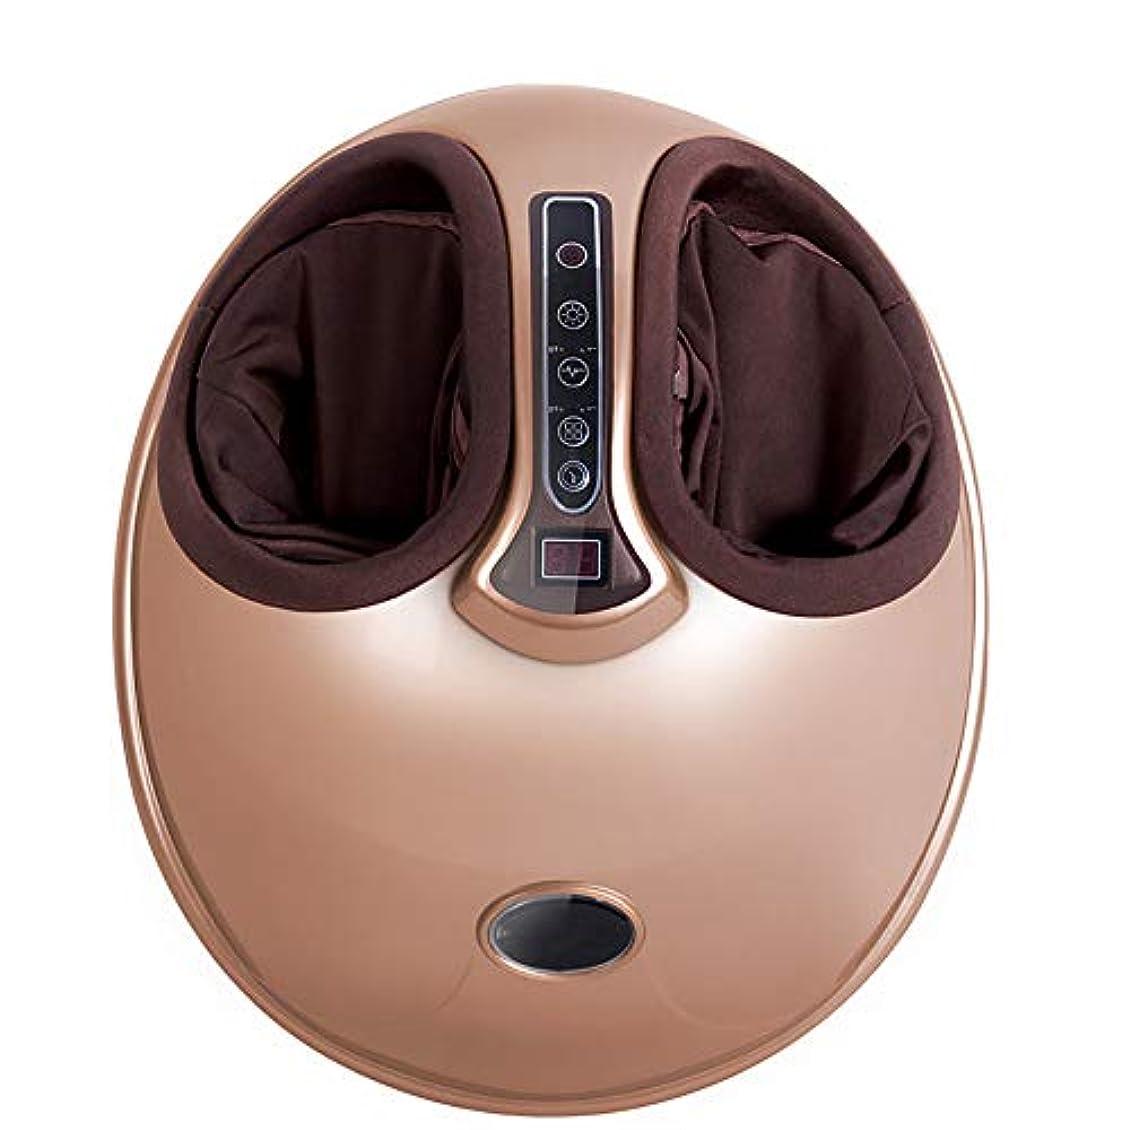 透過性警戒使い込む深練り電気マッサージのための熱間圧延と空気圧縮を備えたホームオフィス用指圧フットマッサージ機